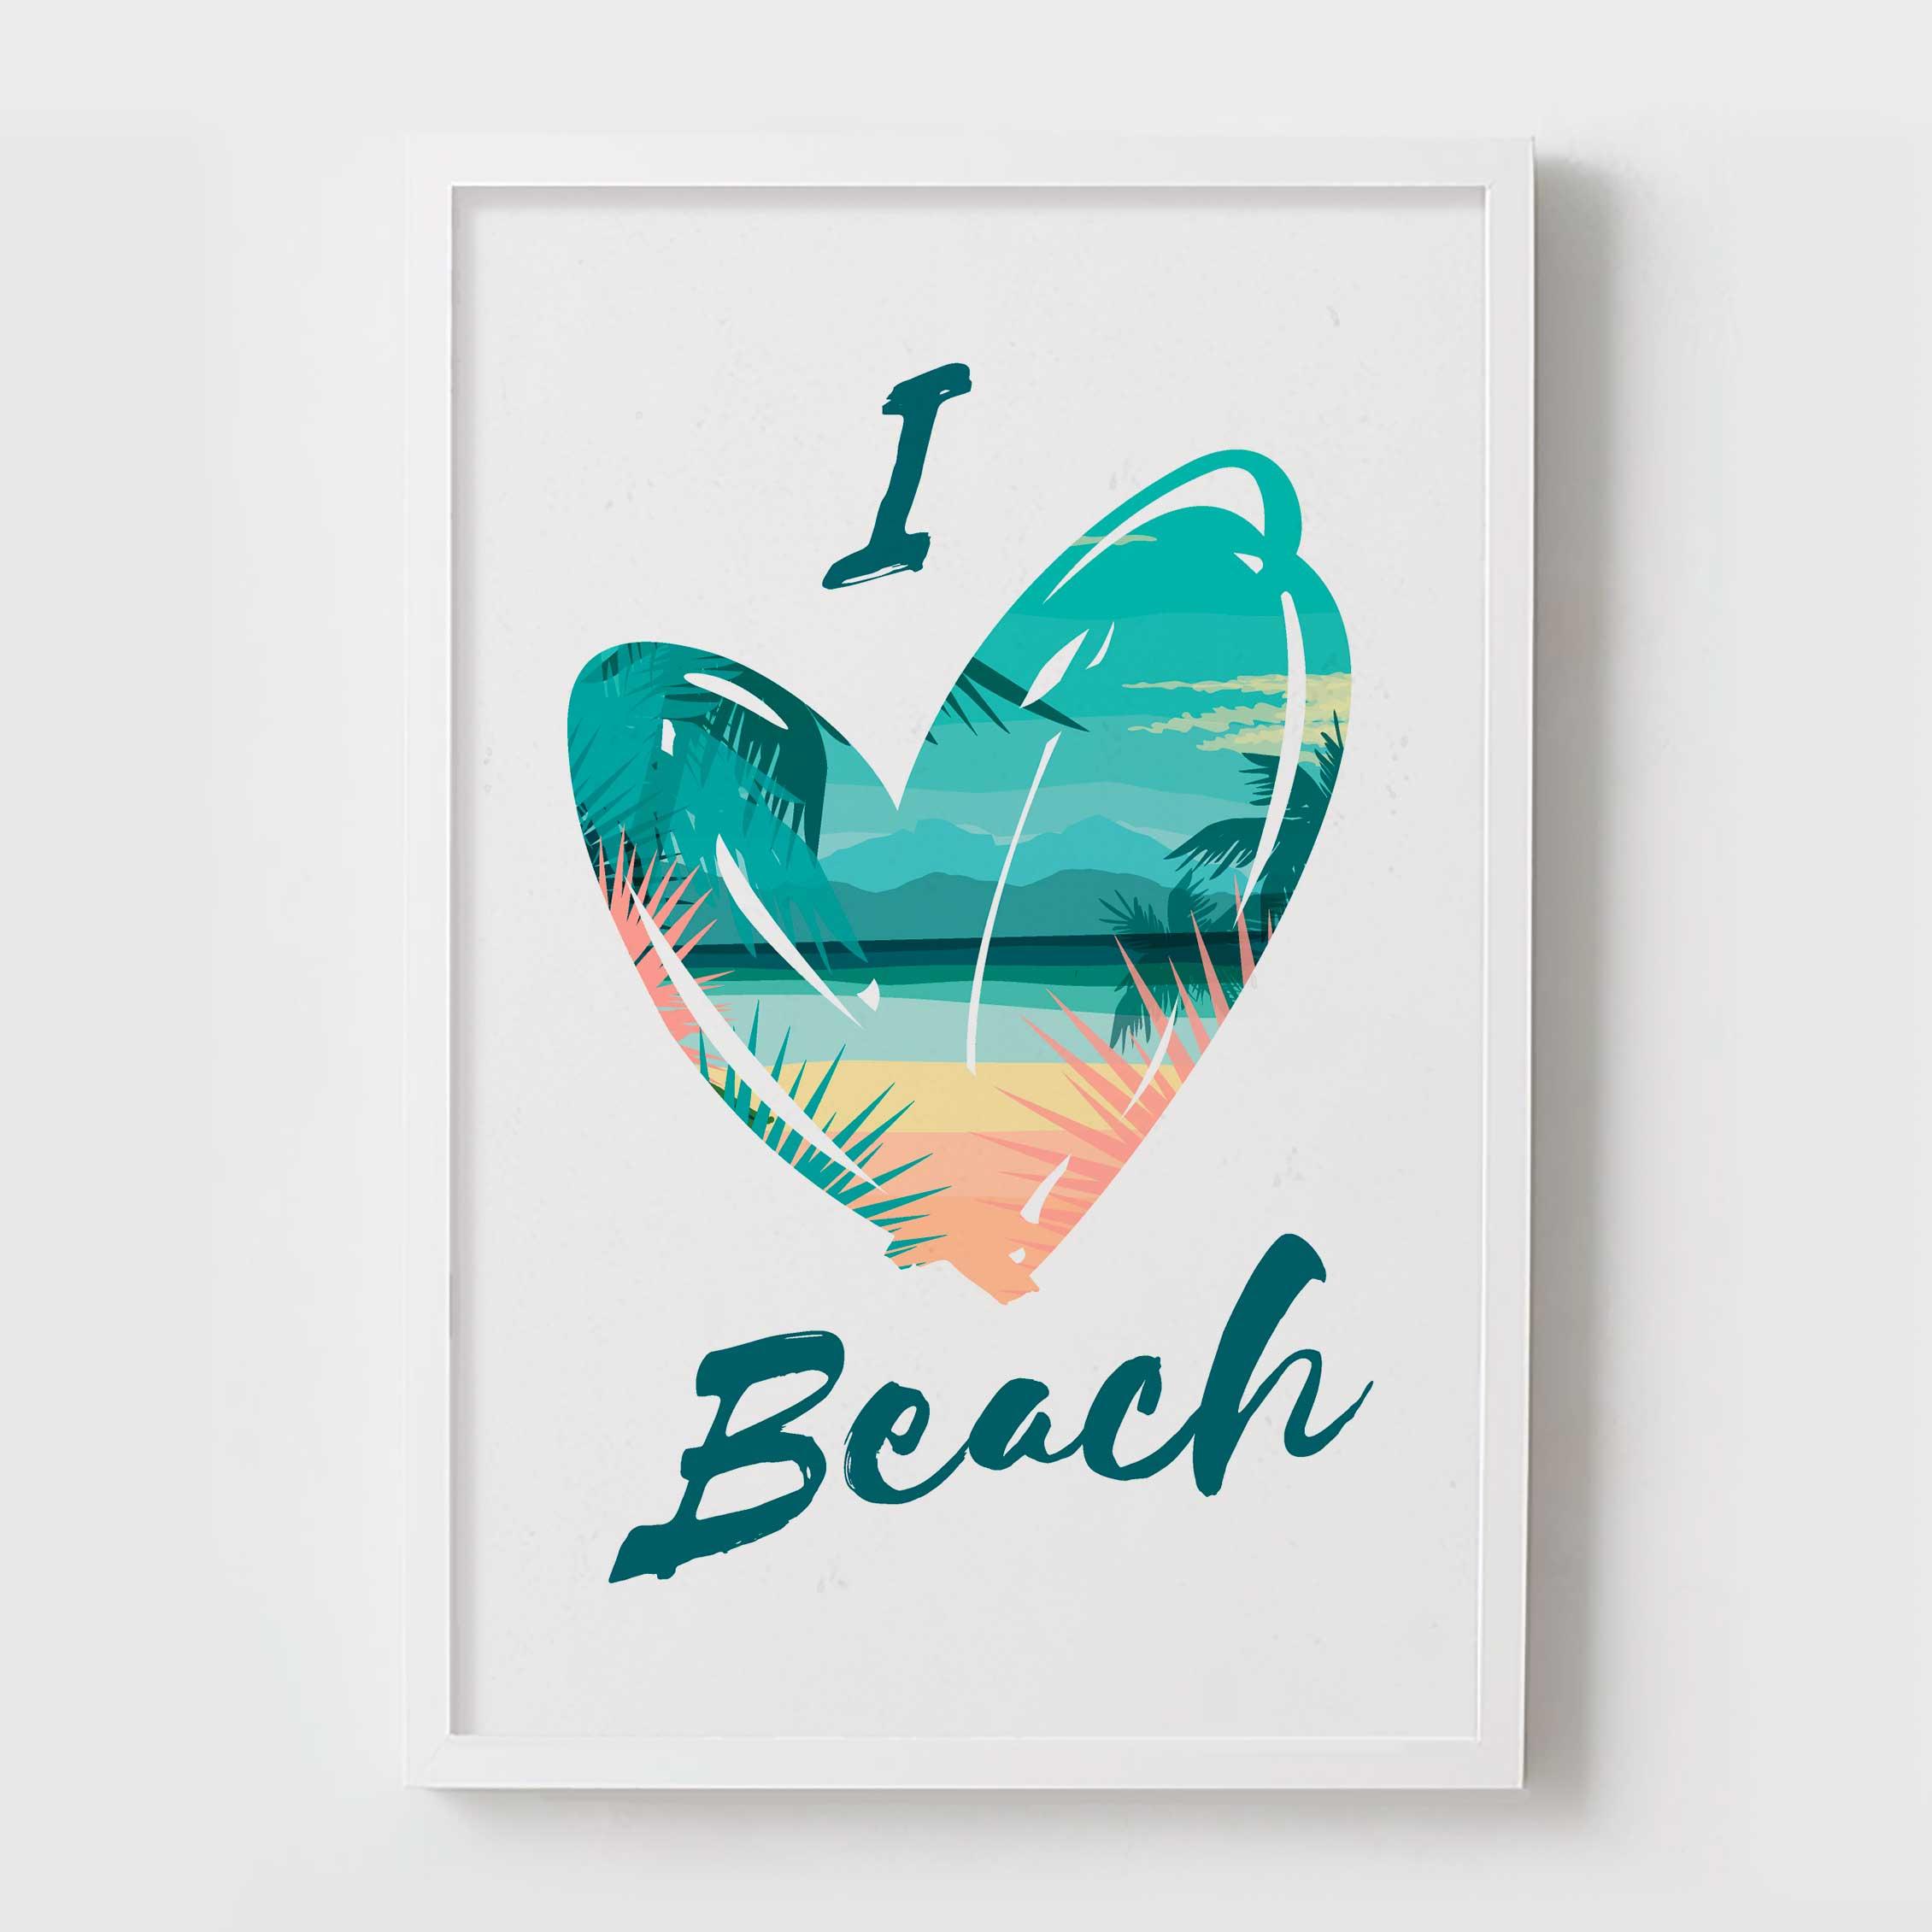 Beach_08